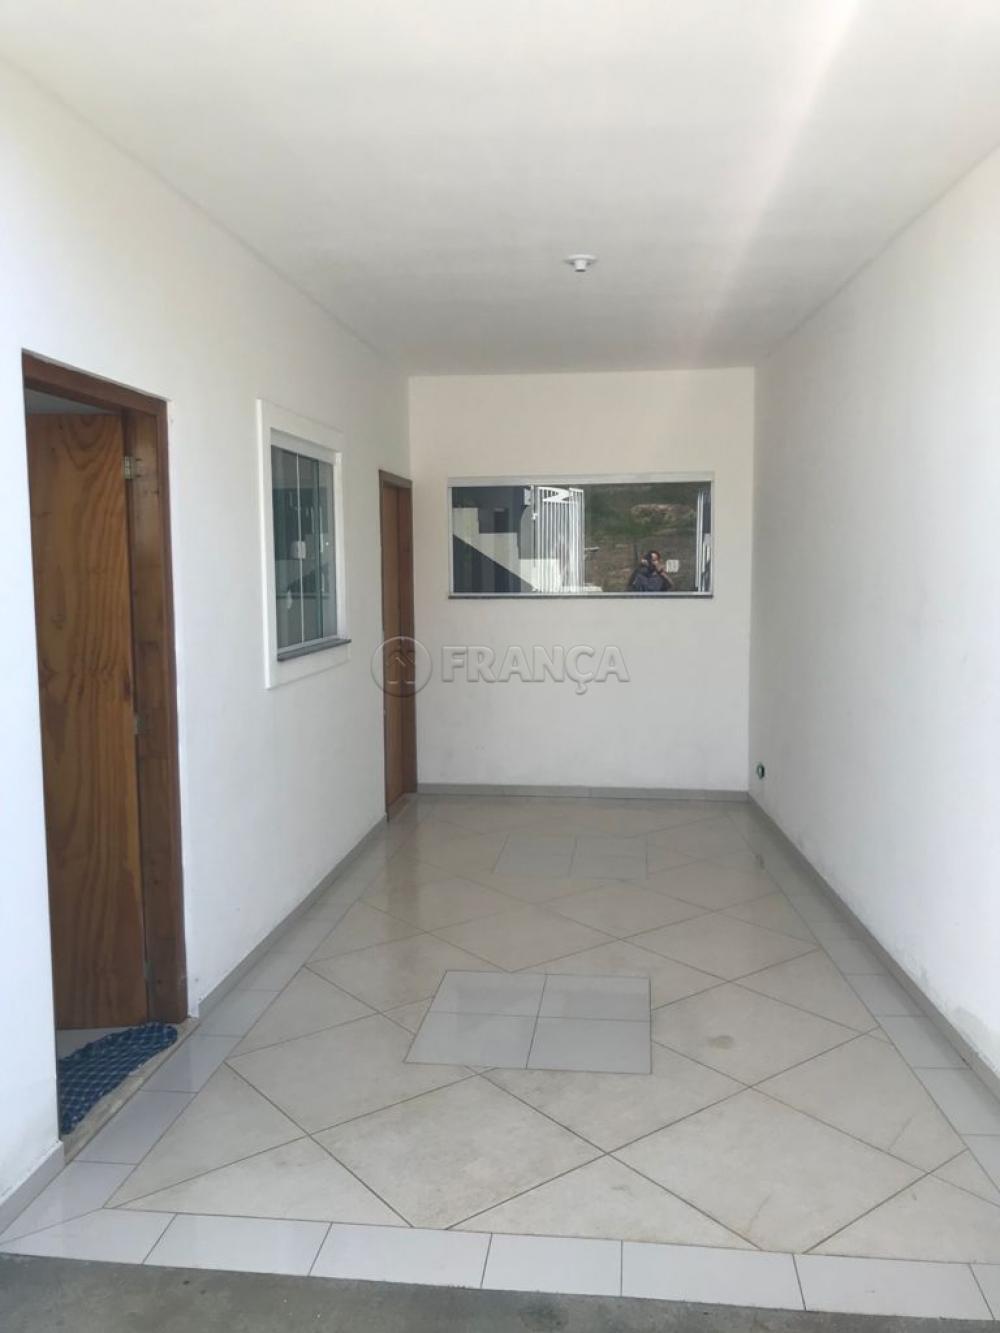 Comprar Casa / Padrão em Jacareí R$ 240.000,00 - Foto 2